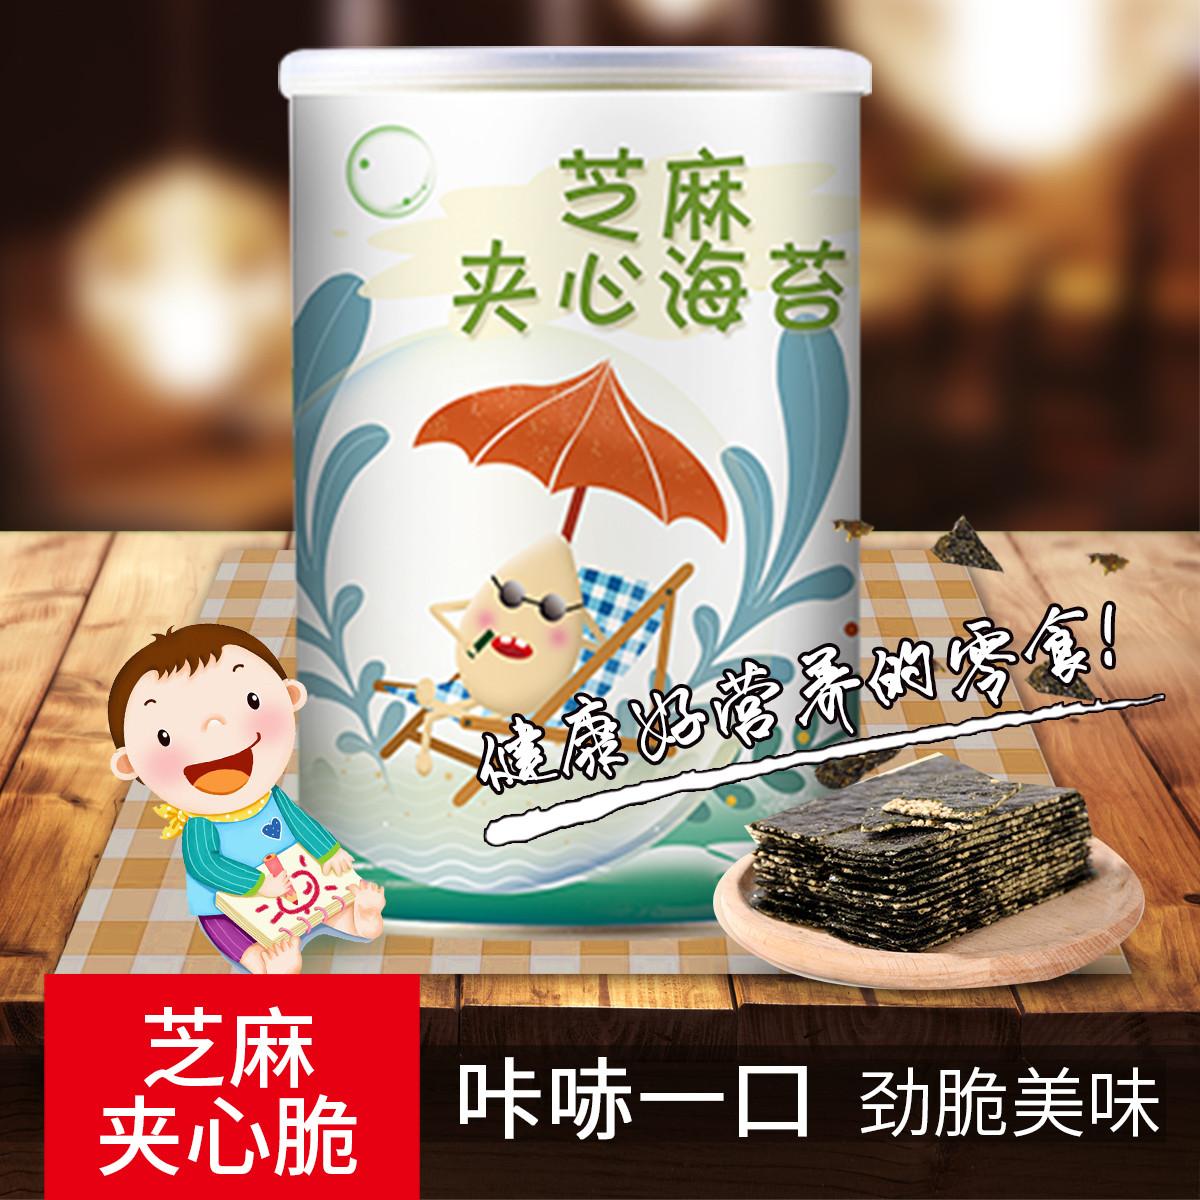 苏兰亭芝麻夹心海苔夹心脆儿童海苔紫菜海苔寿司即食海苔52gCOLOR其它颜色